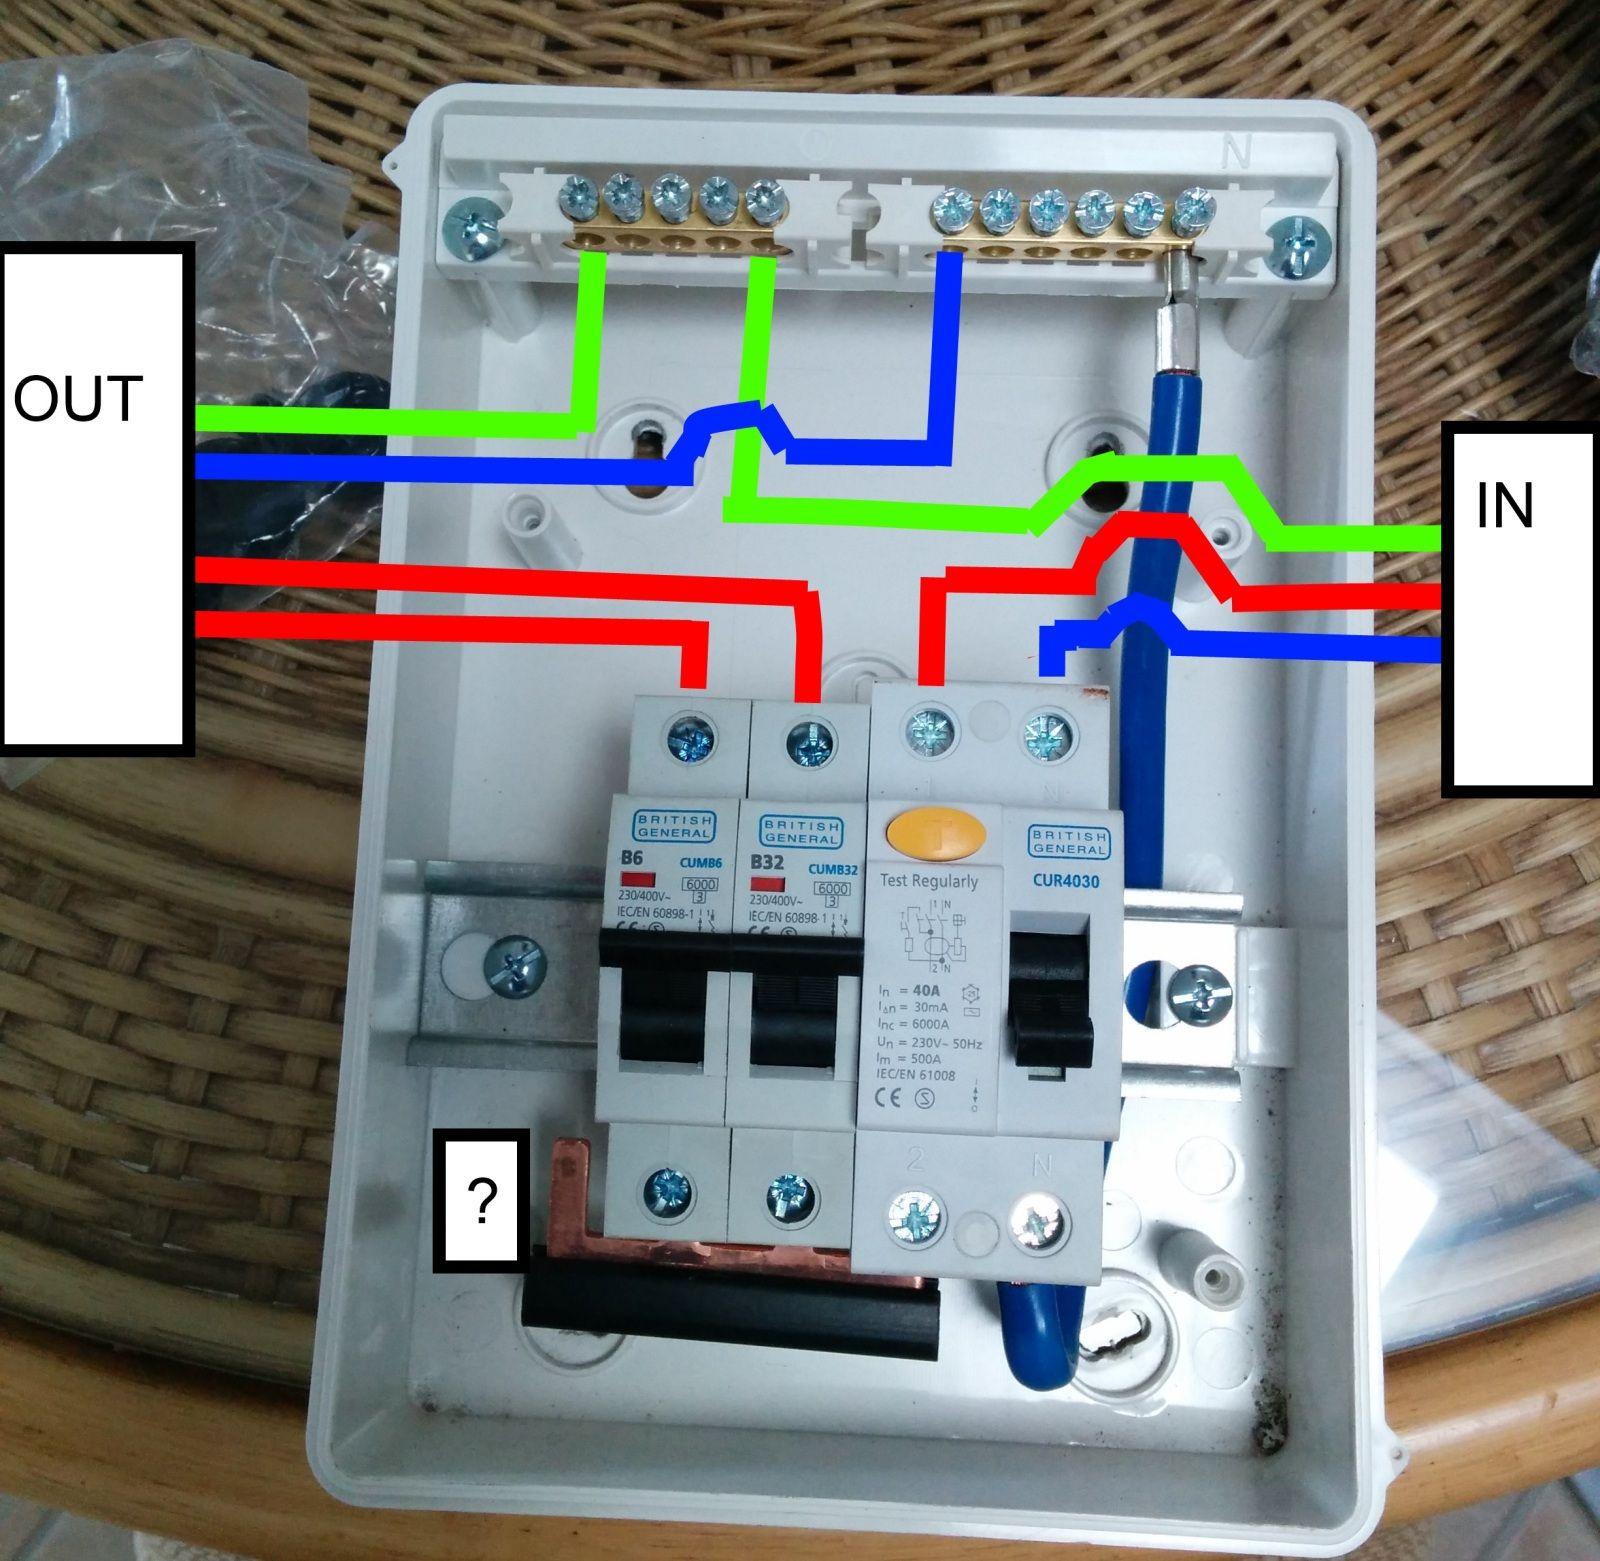 garage fuse box wiring wiring diagram expert garage fuse box wiring [ 1600 x 1561 Pixel ]